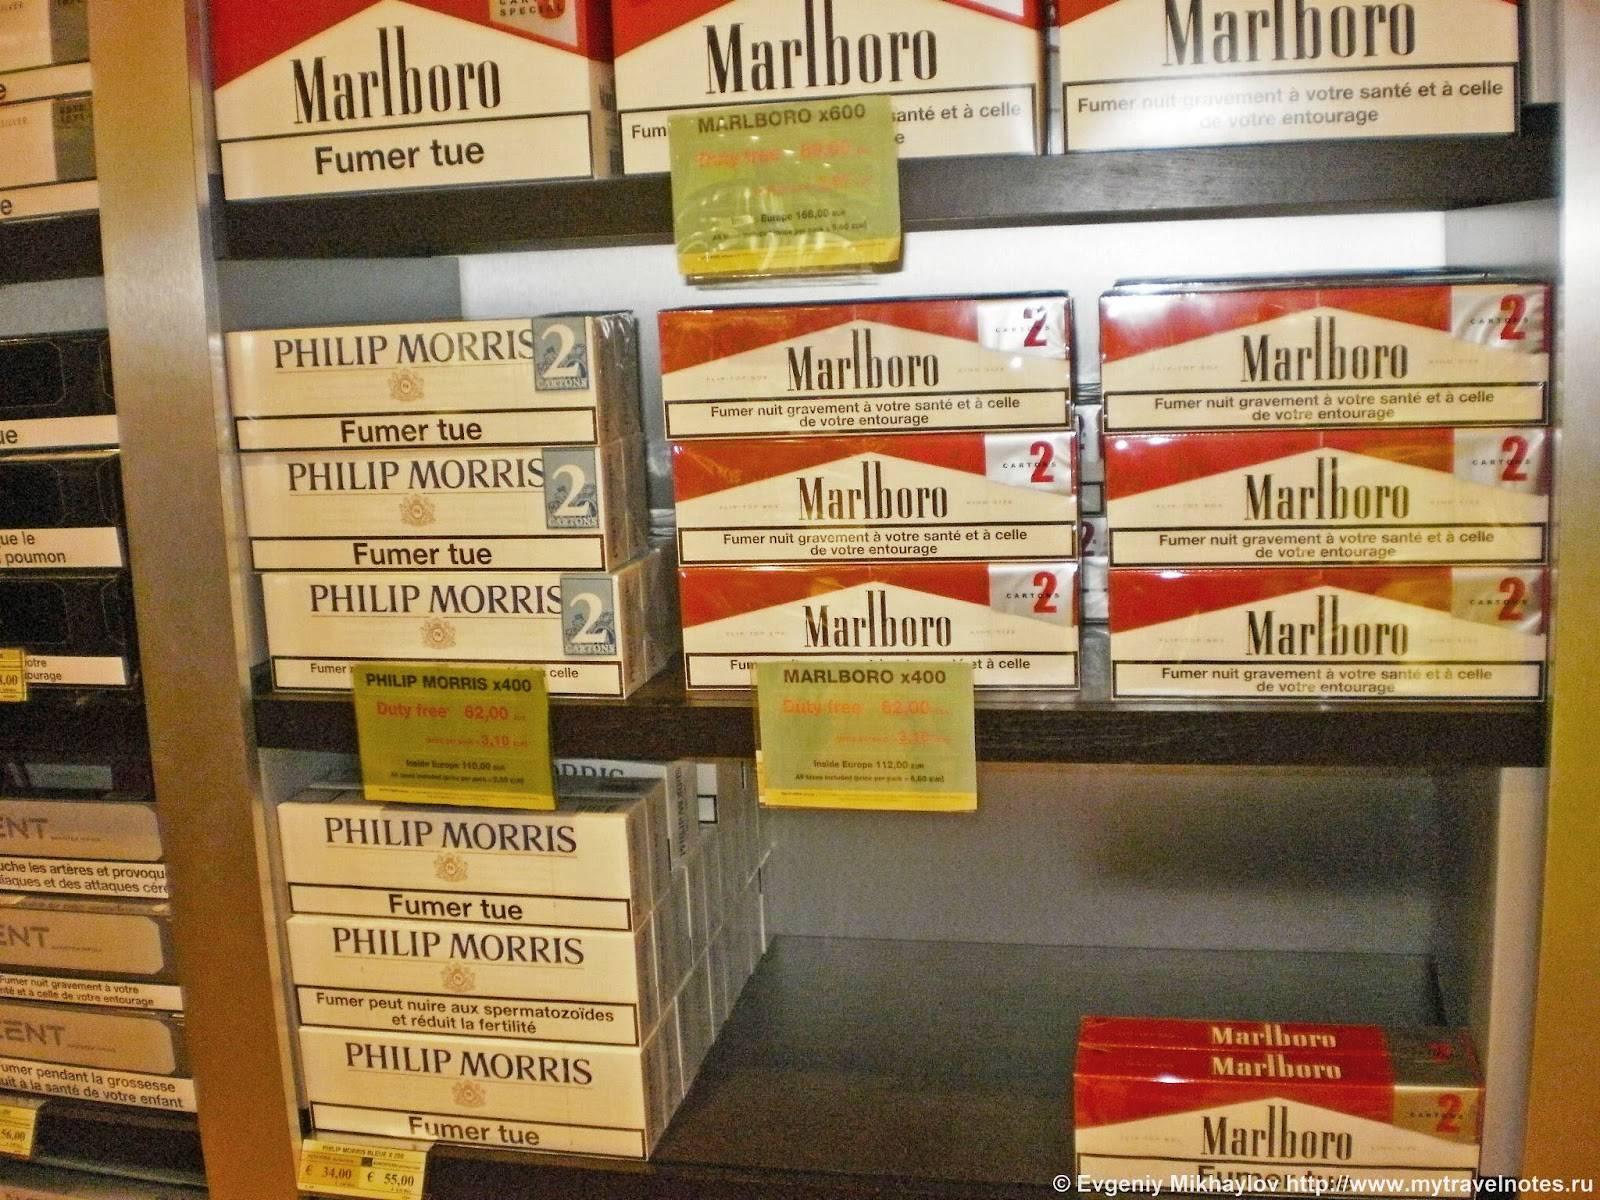 Сколько пачек сигарет в блоке и стоит ли брать табачные изделия на отдых? считаем, сколько пачек сигарет в блоке сколько пачек в блоке sobranie.